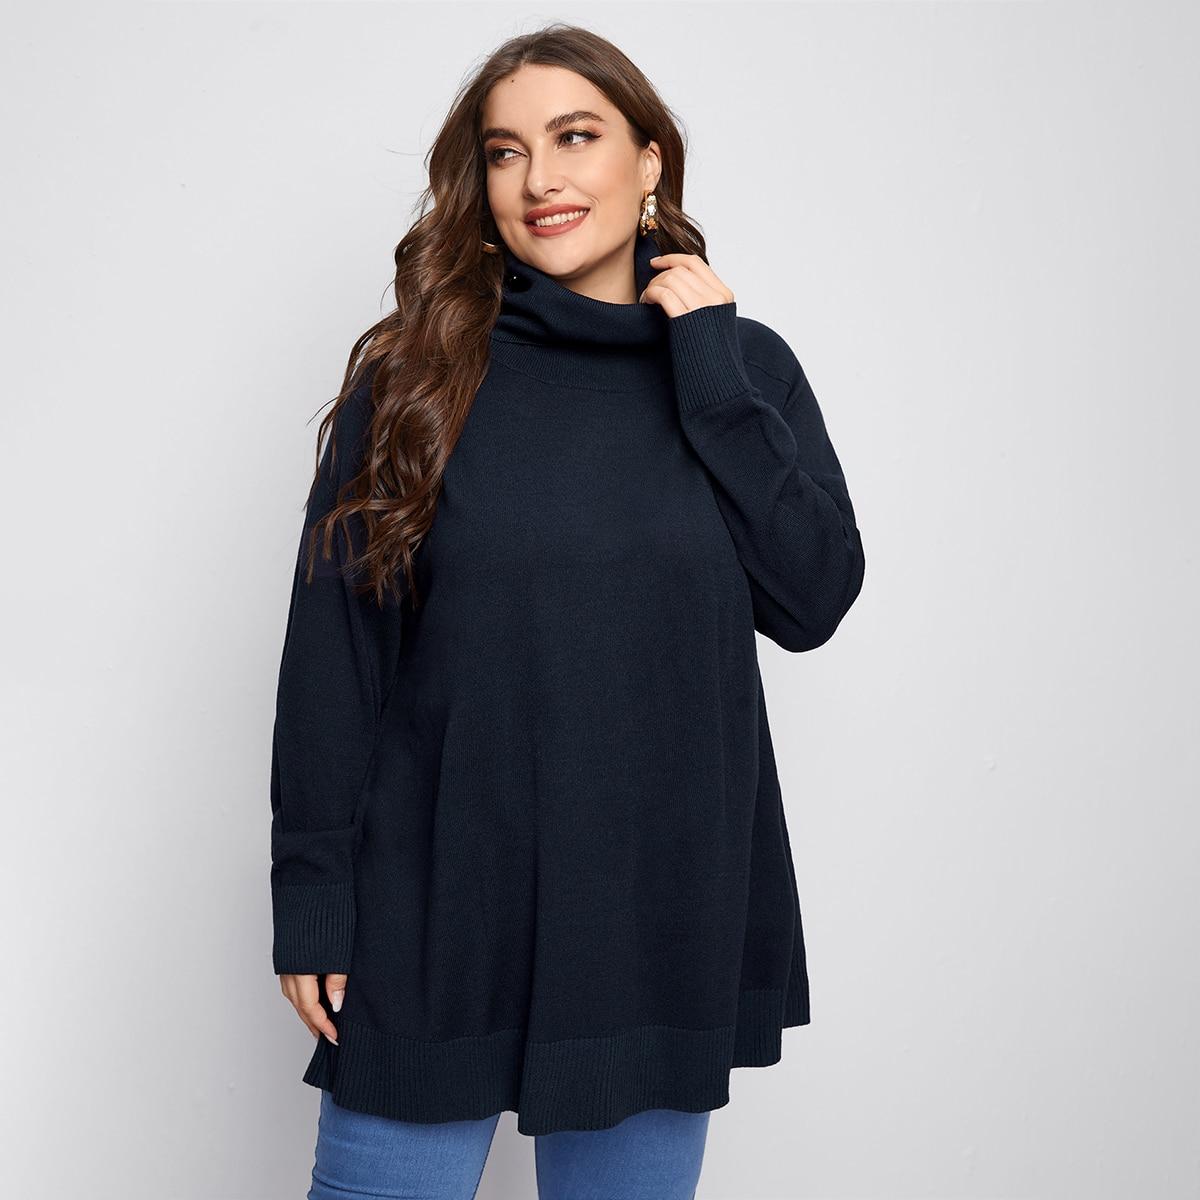 Длинный свитер размера плюс с рукавом реглан